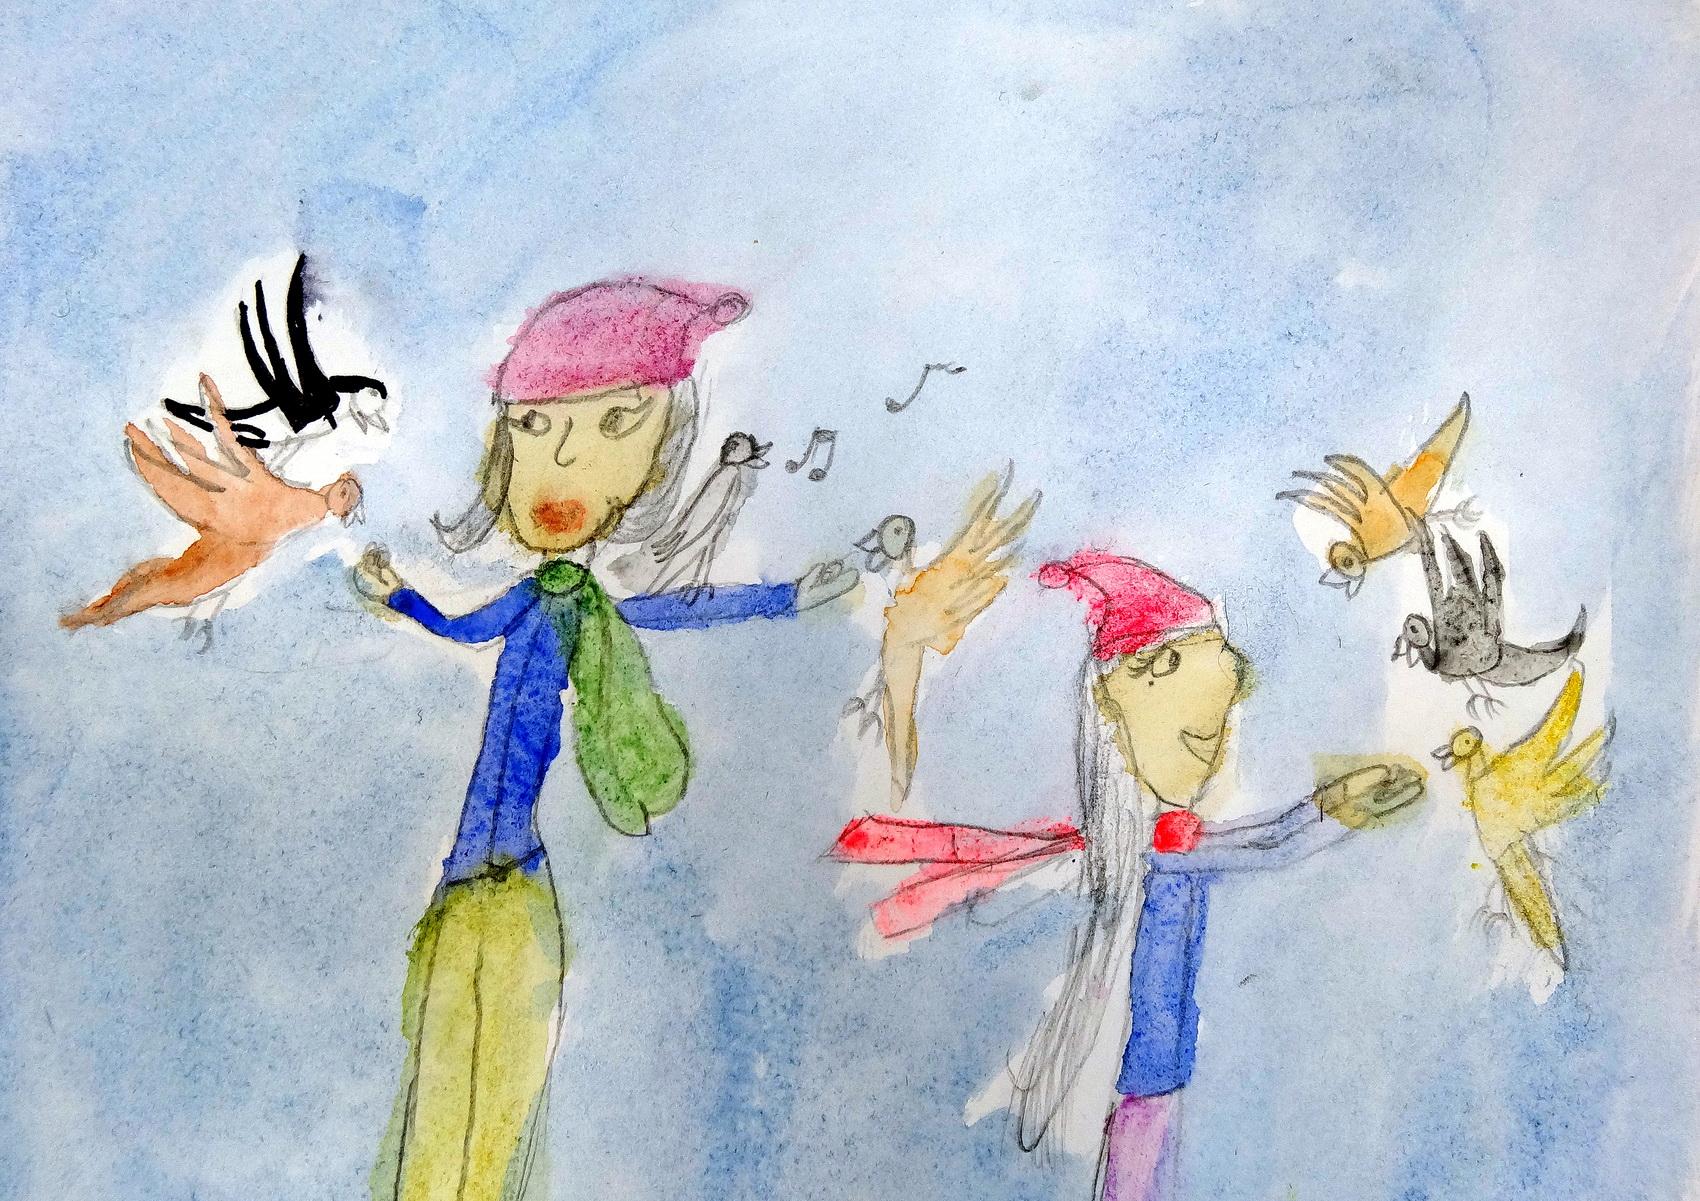 Международный конкурс детского рисунка все голубо все зелено г торунь 2017